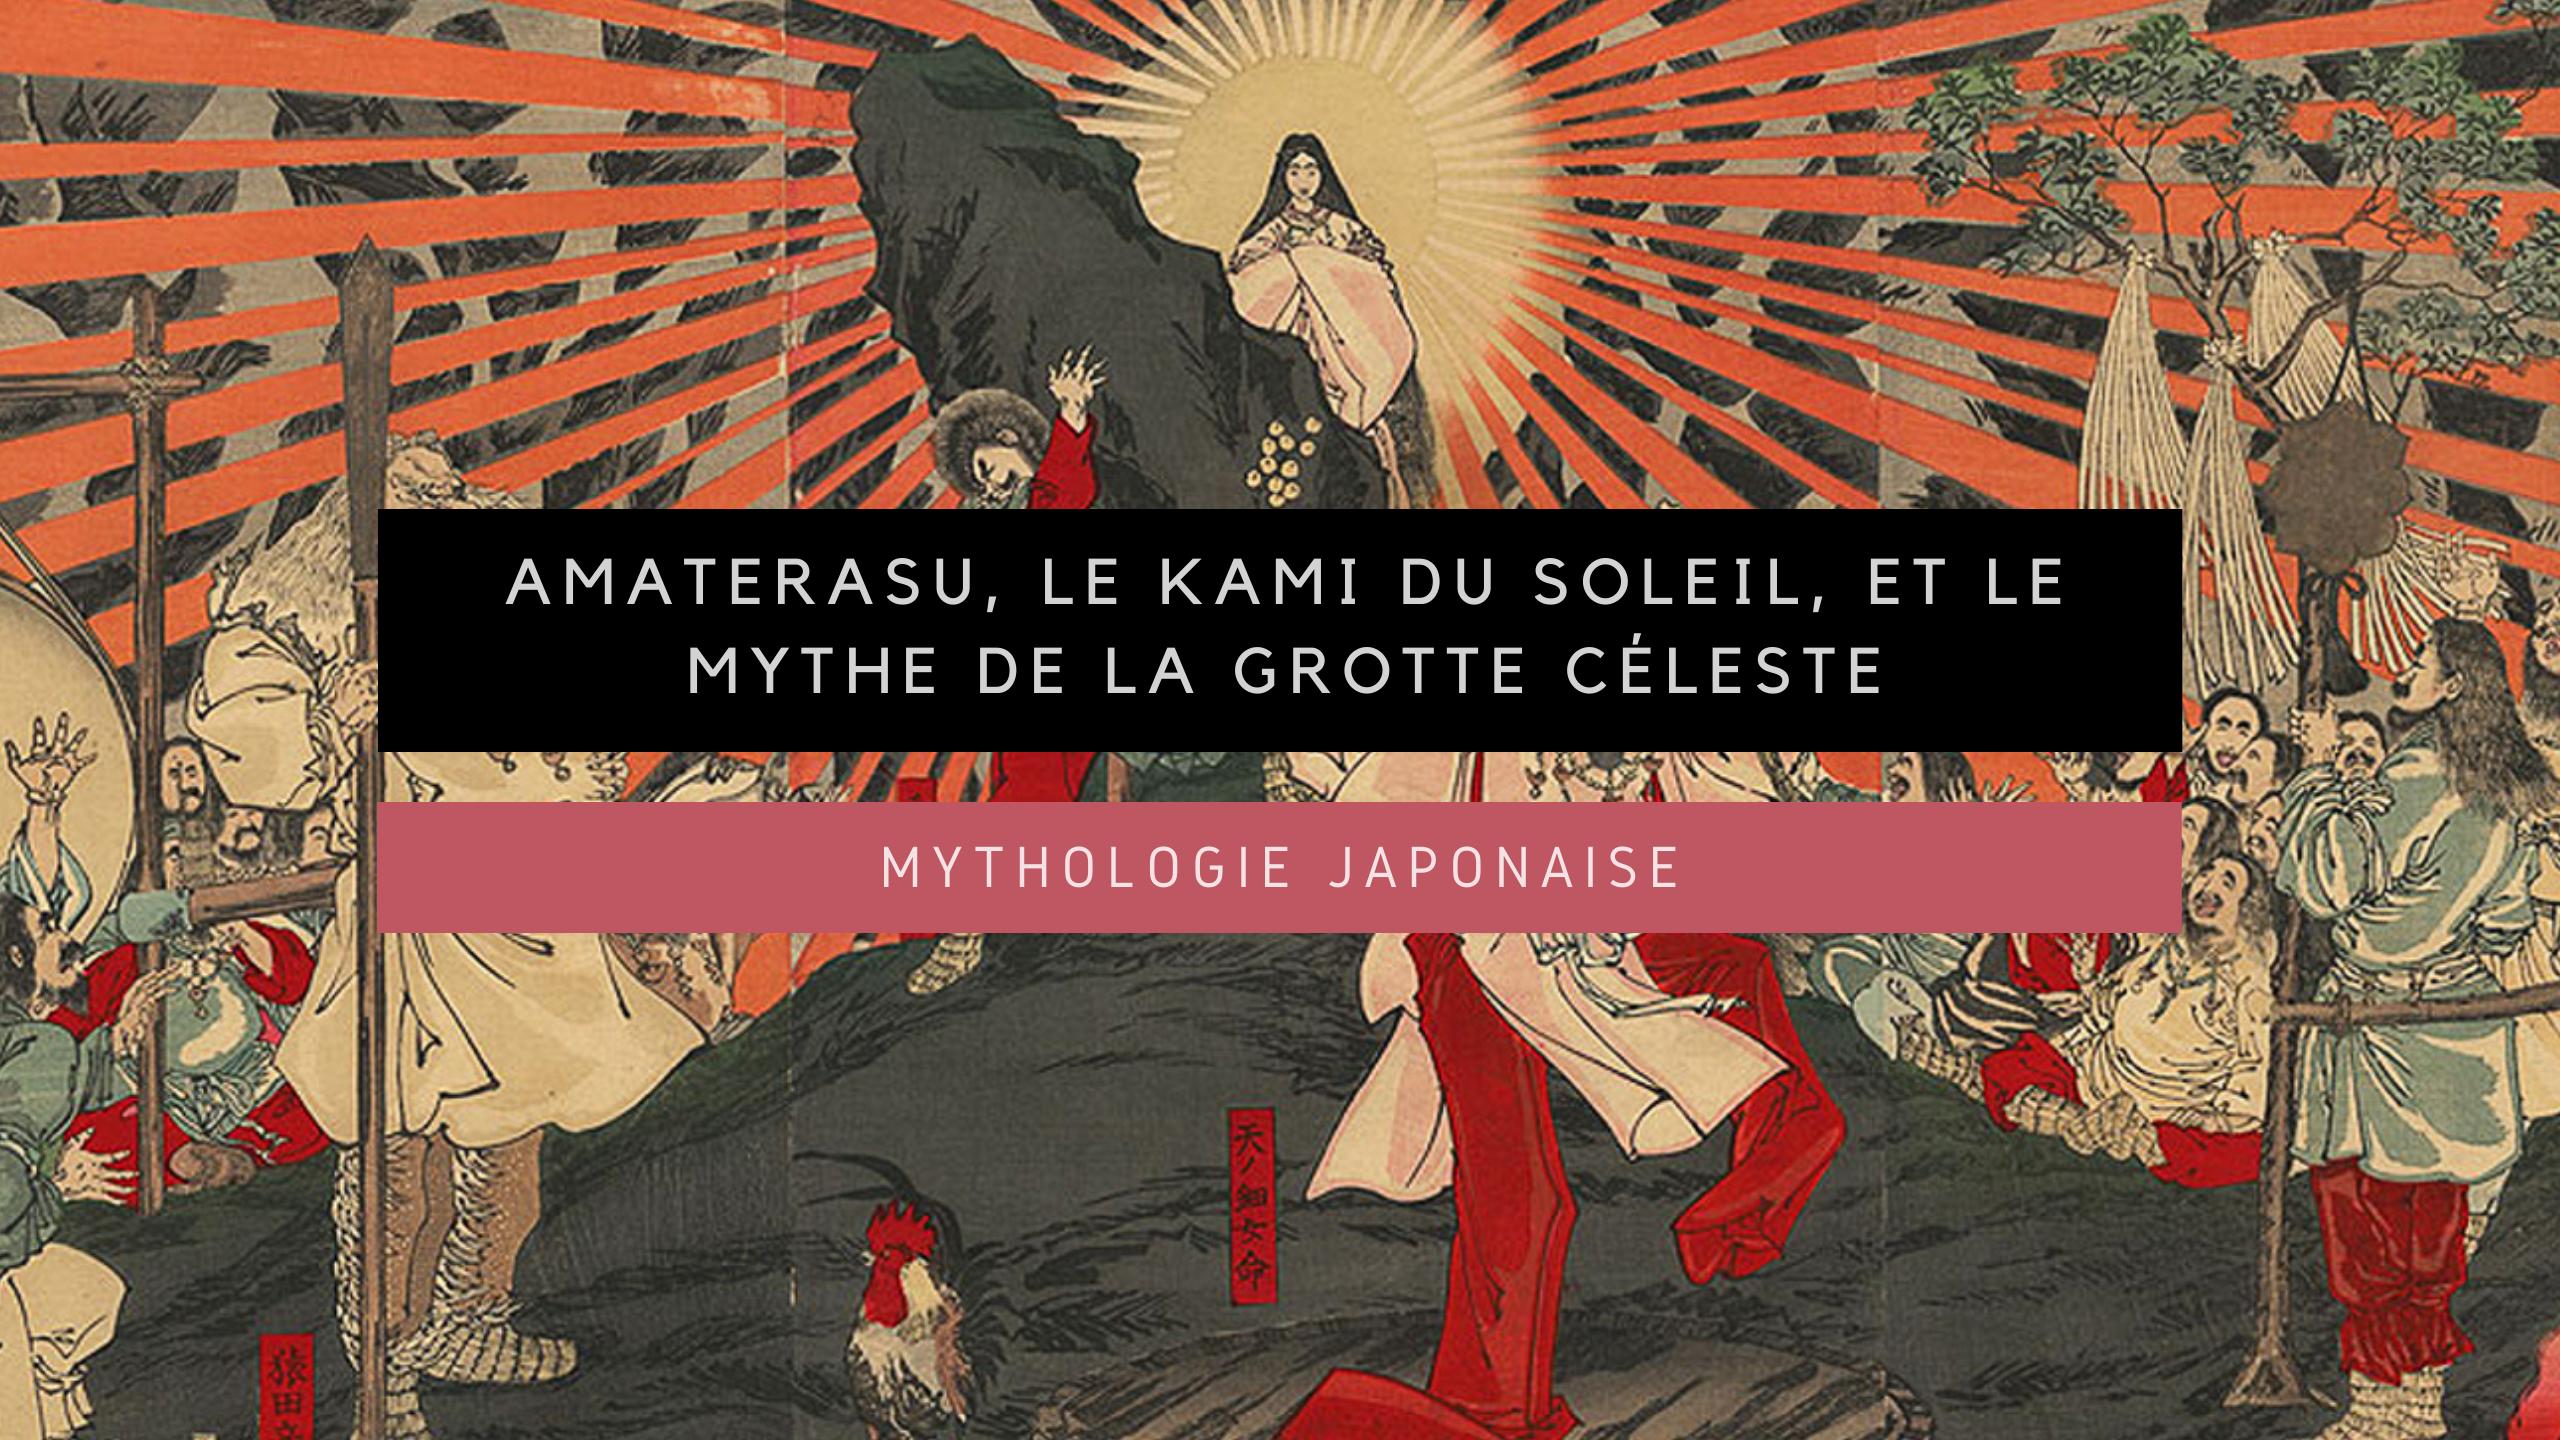 <h1>[Mythologie japonaise] Amaterasu, le kami du soleil, et le mythe de la grotte céleste</h1>